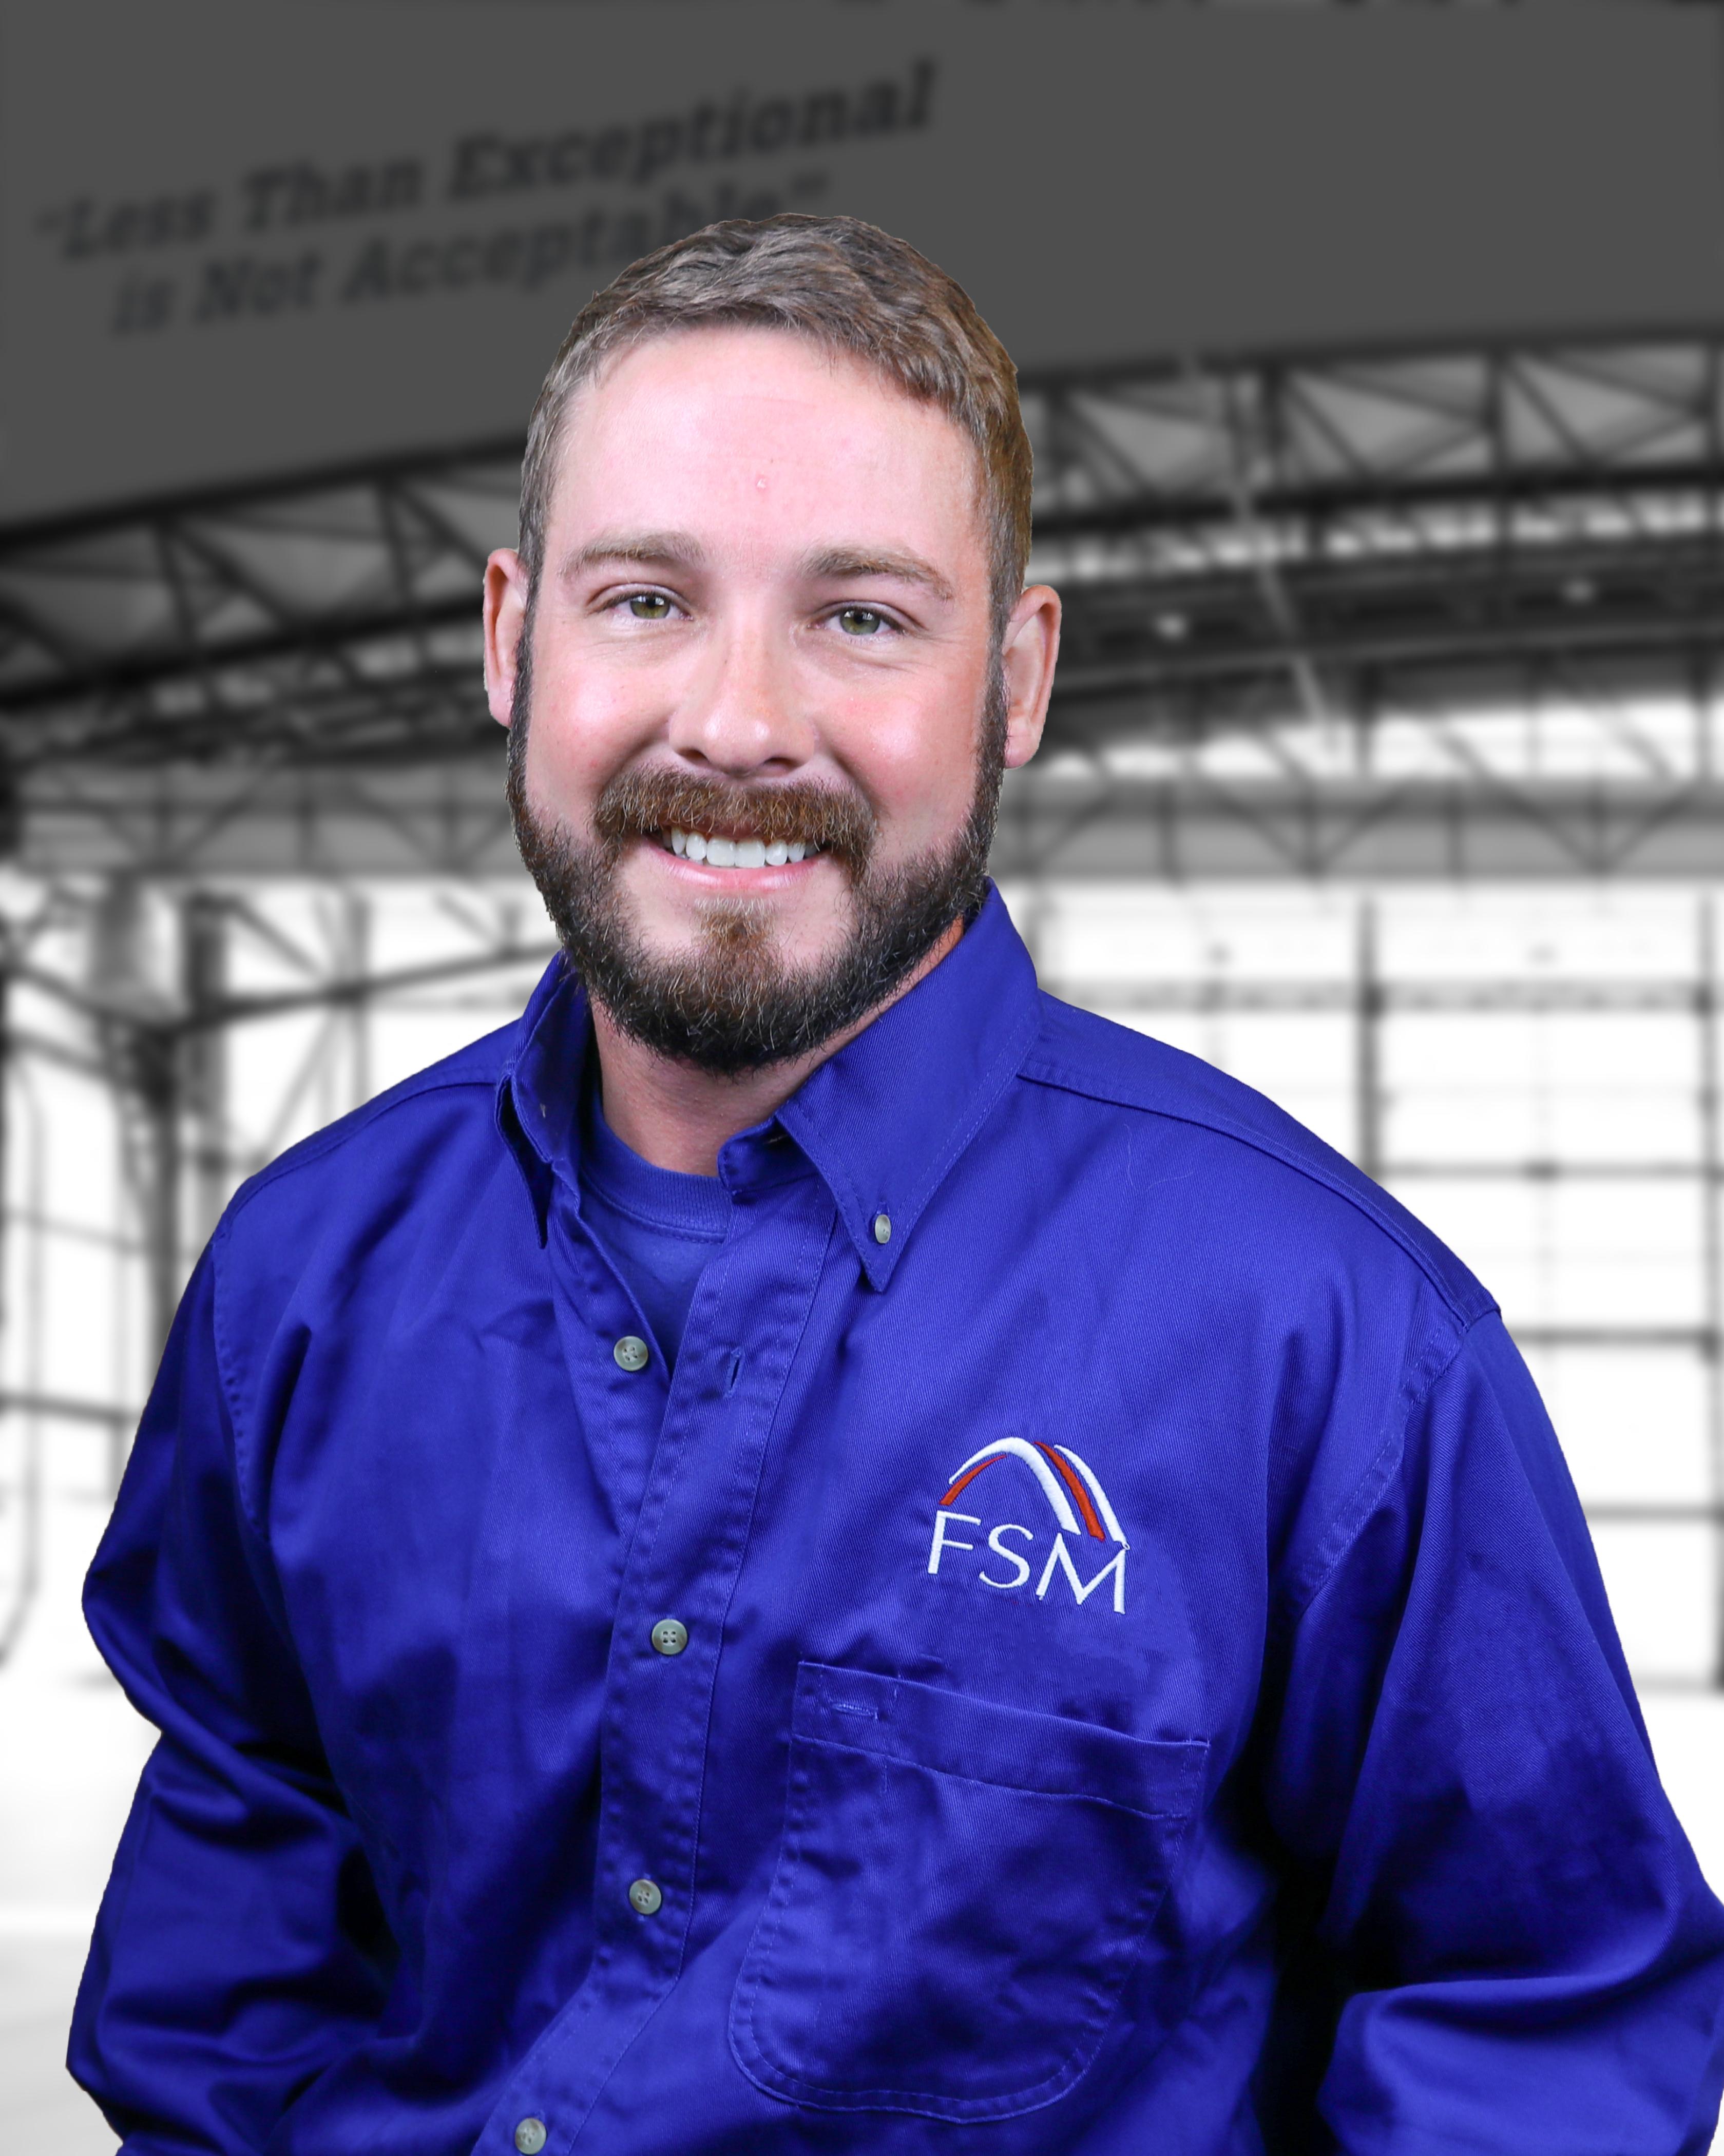 FSM Chris Waechter Foreman